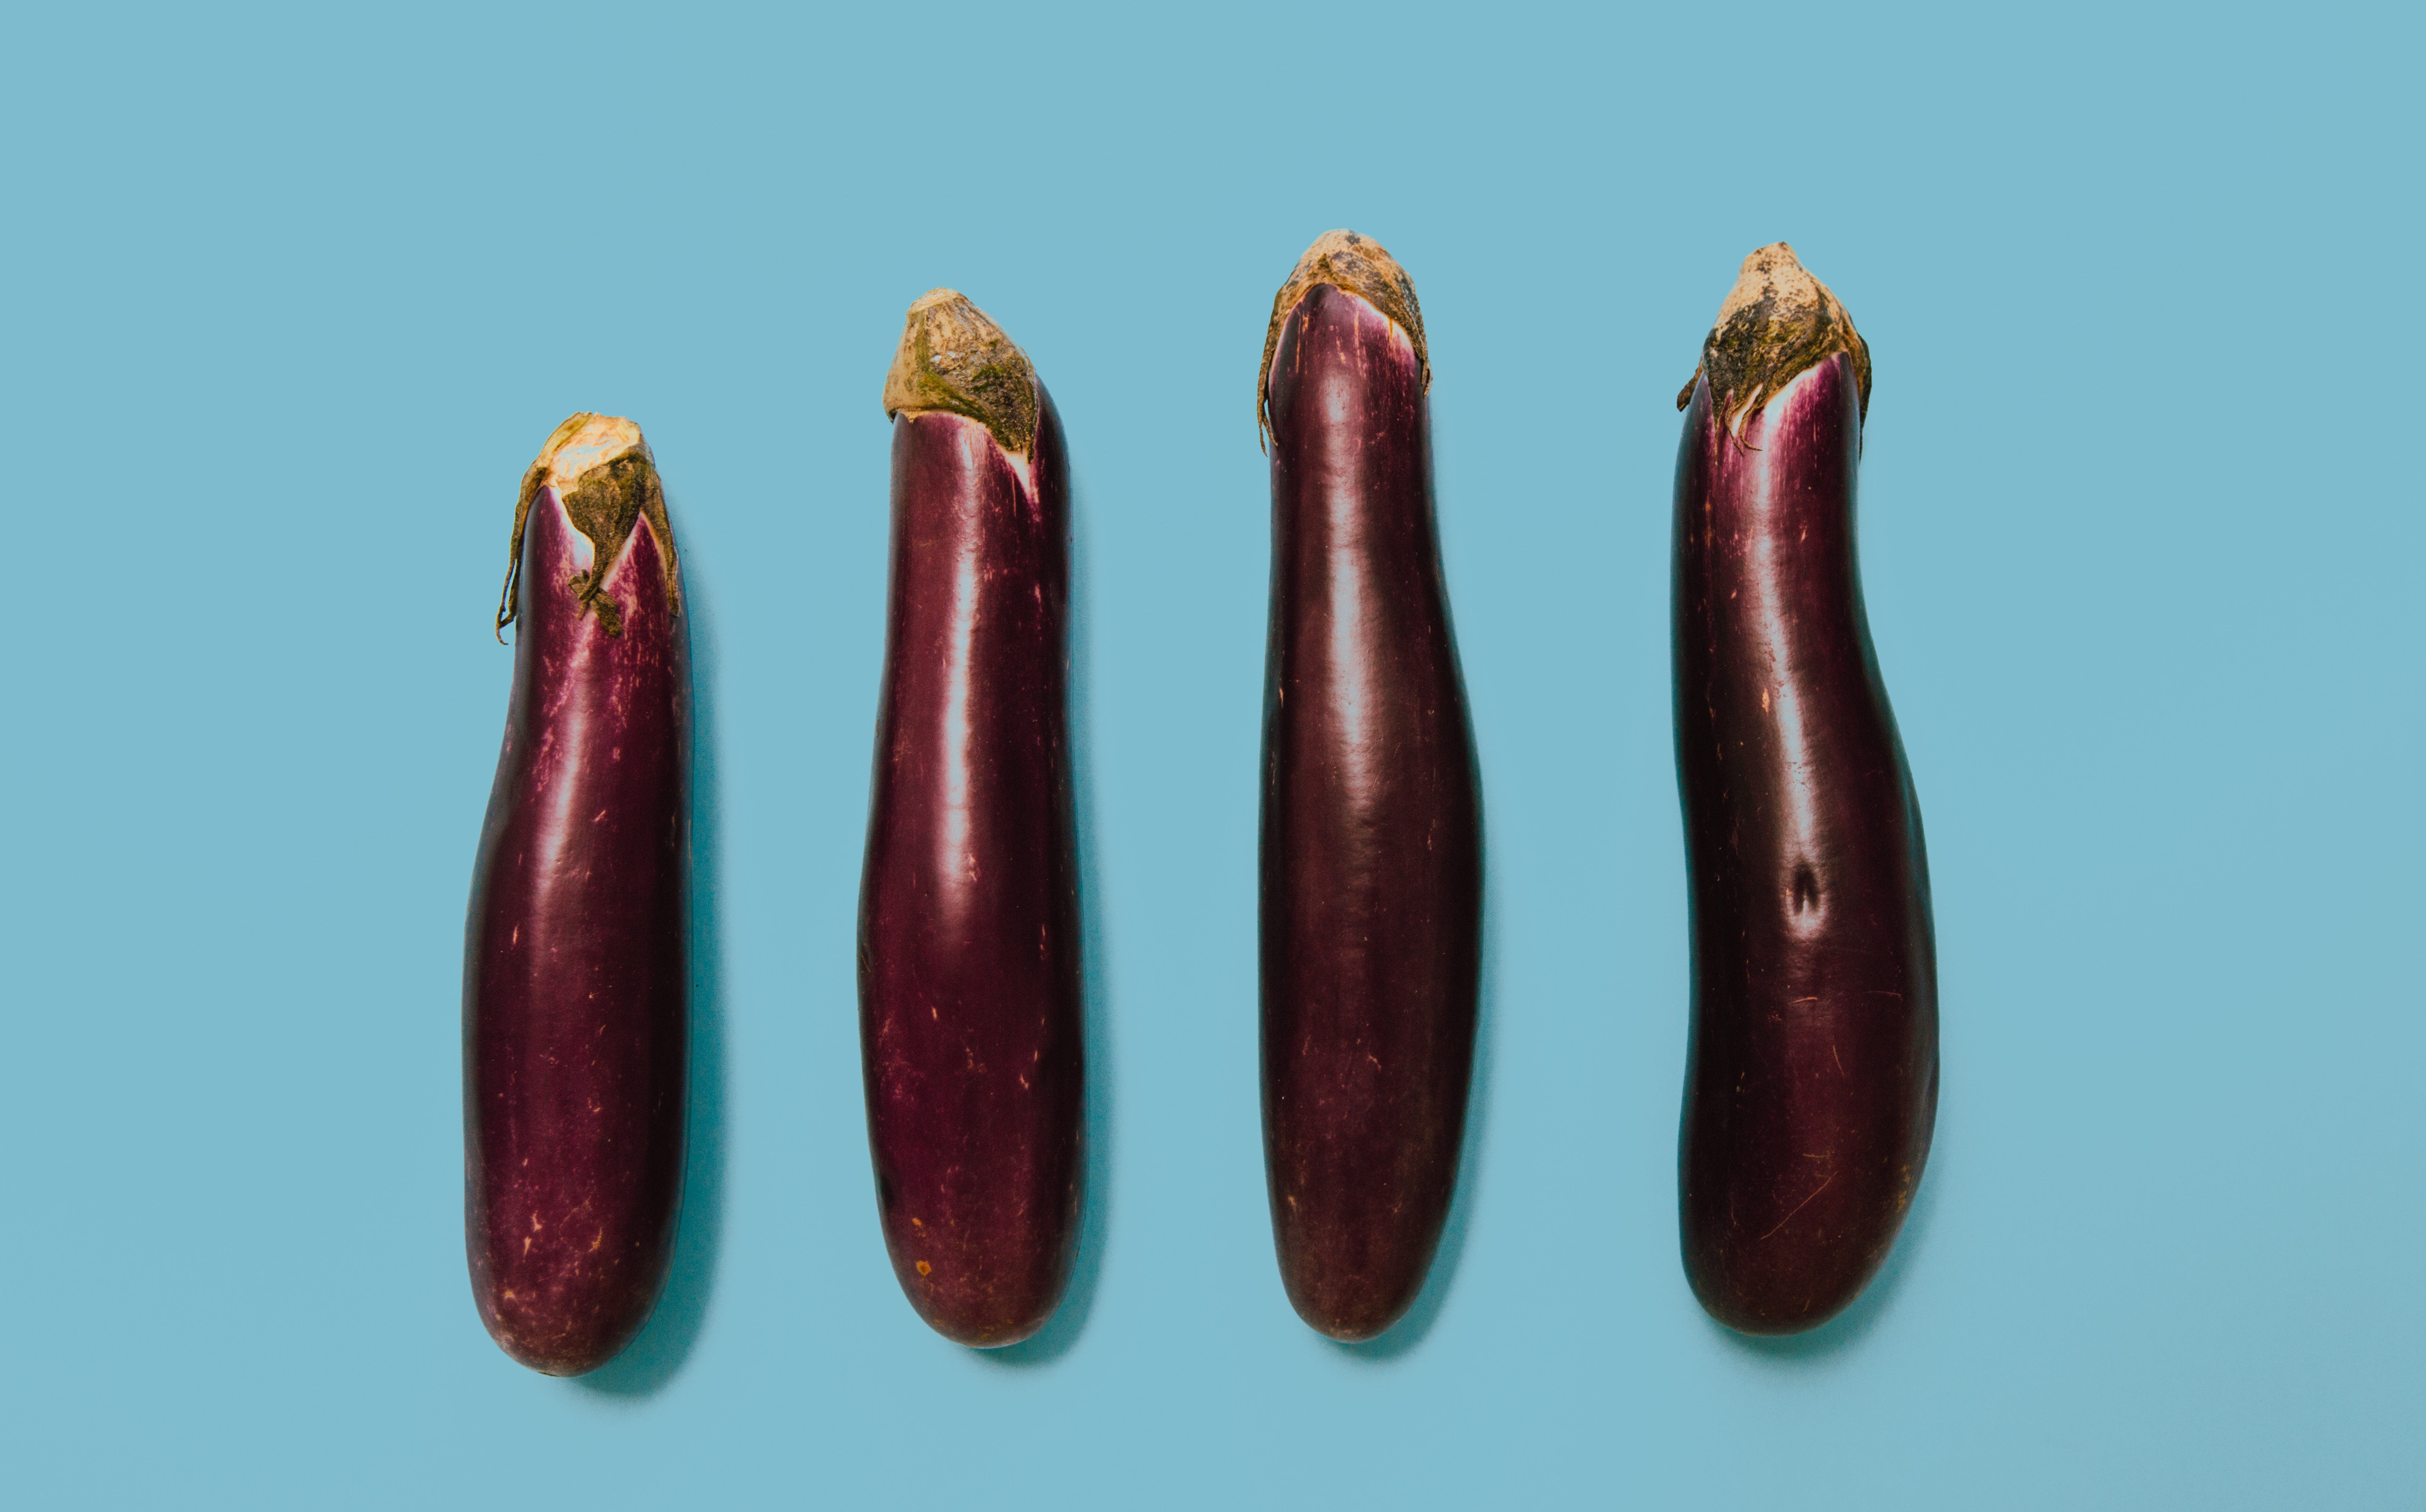 Verificarea sănătății: de ce oamenii se trezesc cu erecții